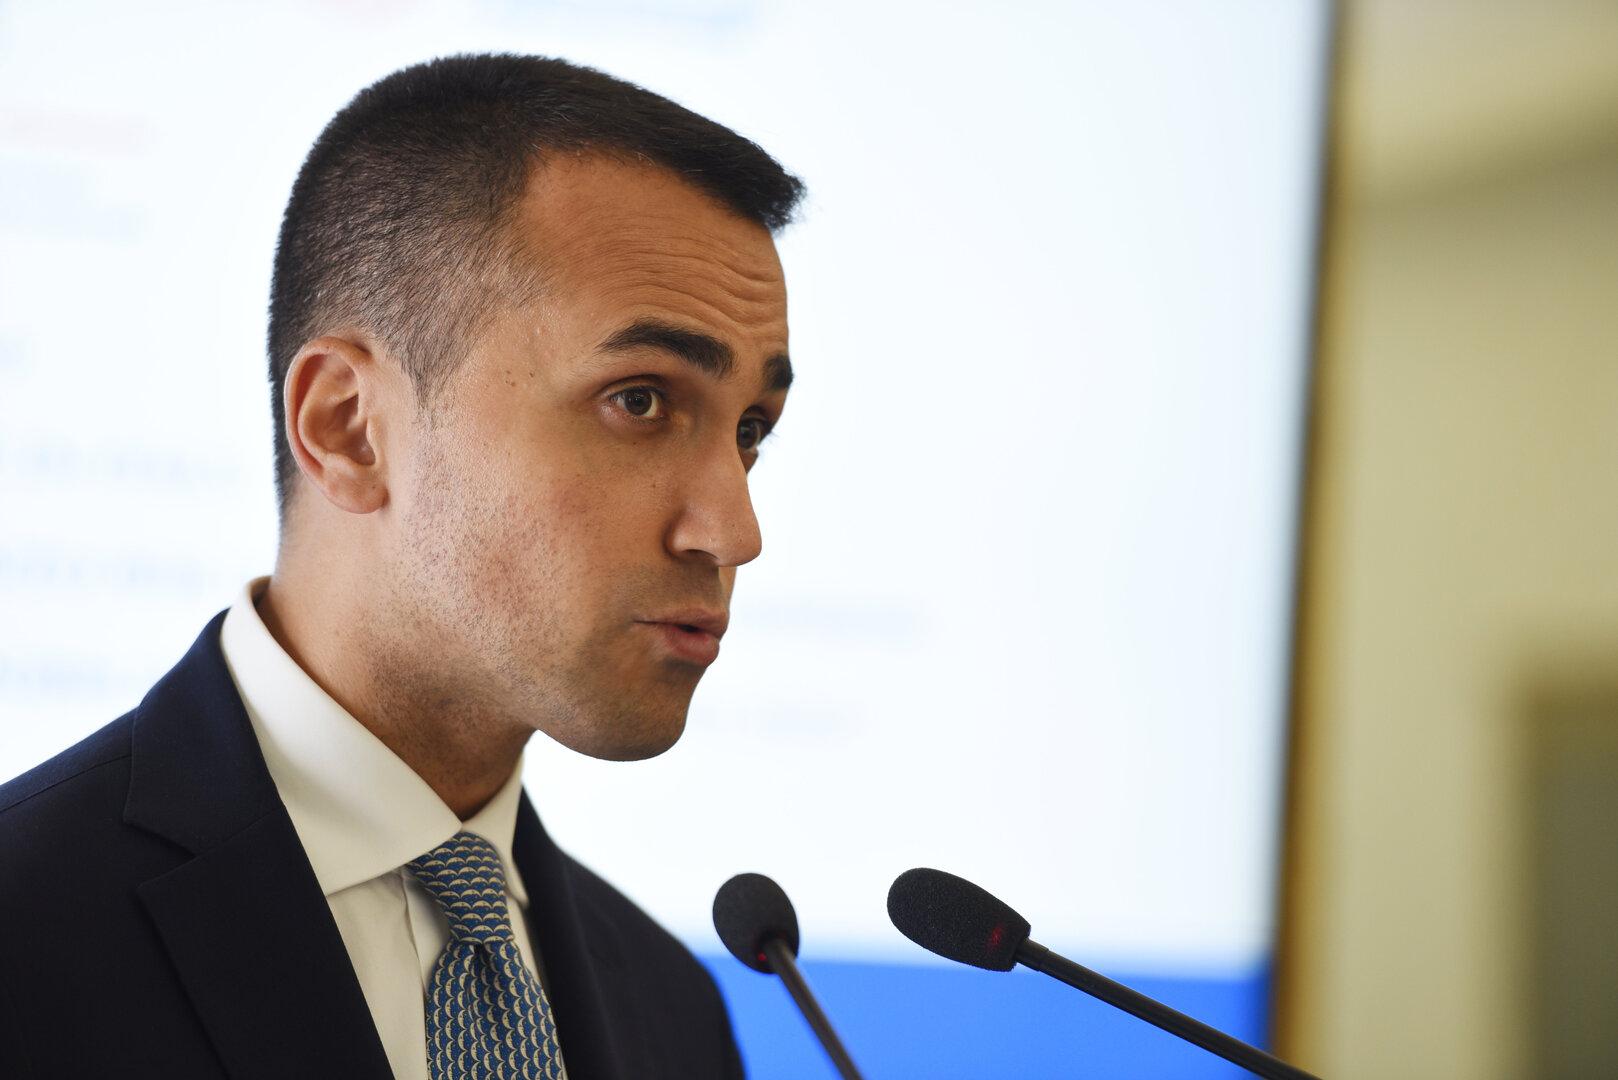 وزير الخارجية الإيطالي يأمل في محاكمة سريعة بمصر تؤدي إلى الإفراج عن الباحث باتريك جورج زكي